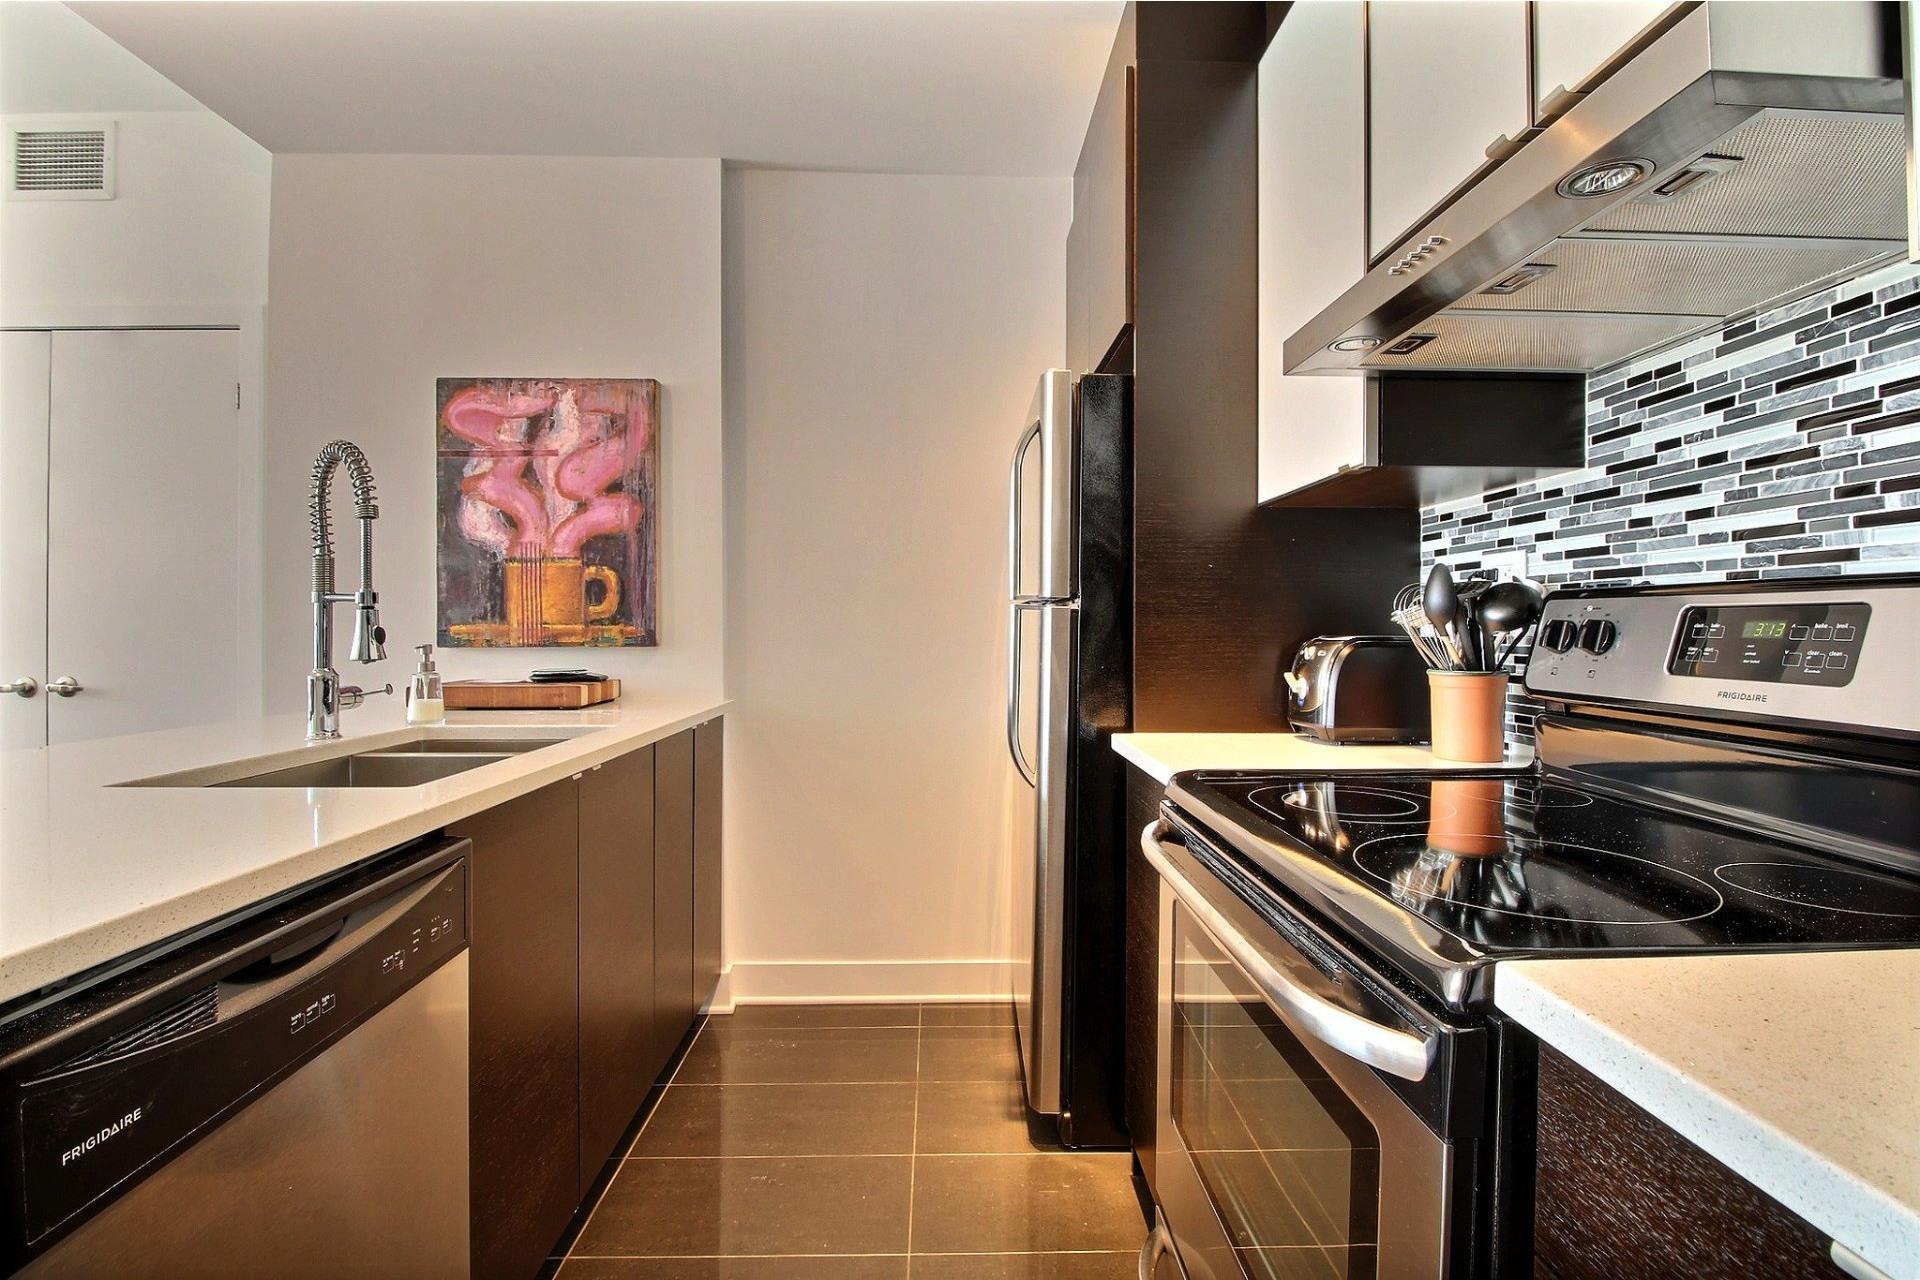 image 18 - Apartment For rent Côte-des-Neiges/Notre-Dame-de-Grâce Montréal  - 4 rooms